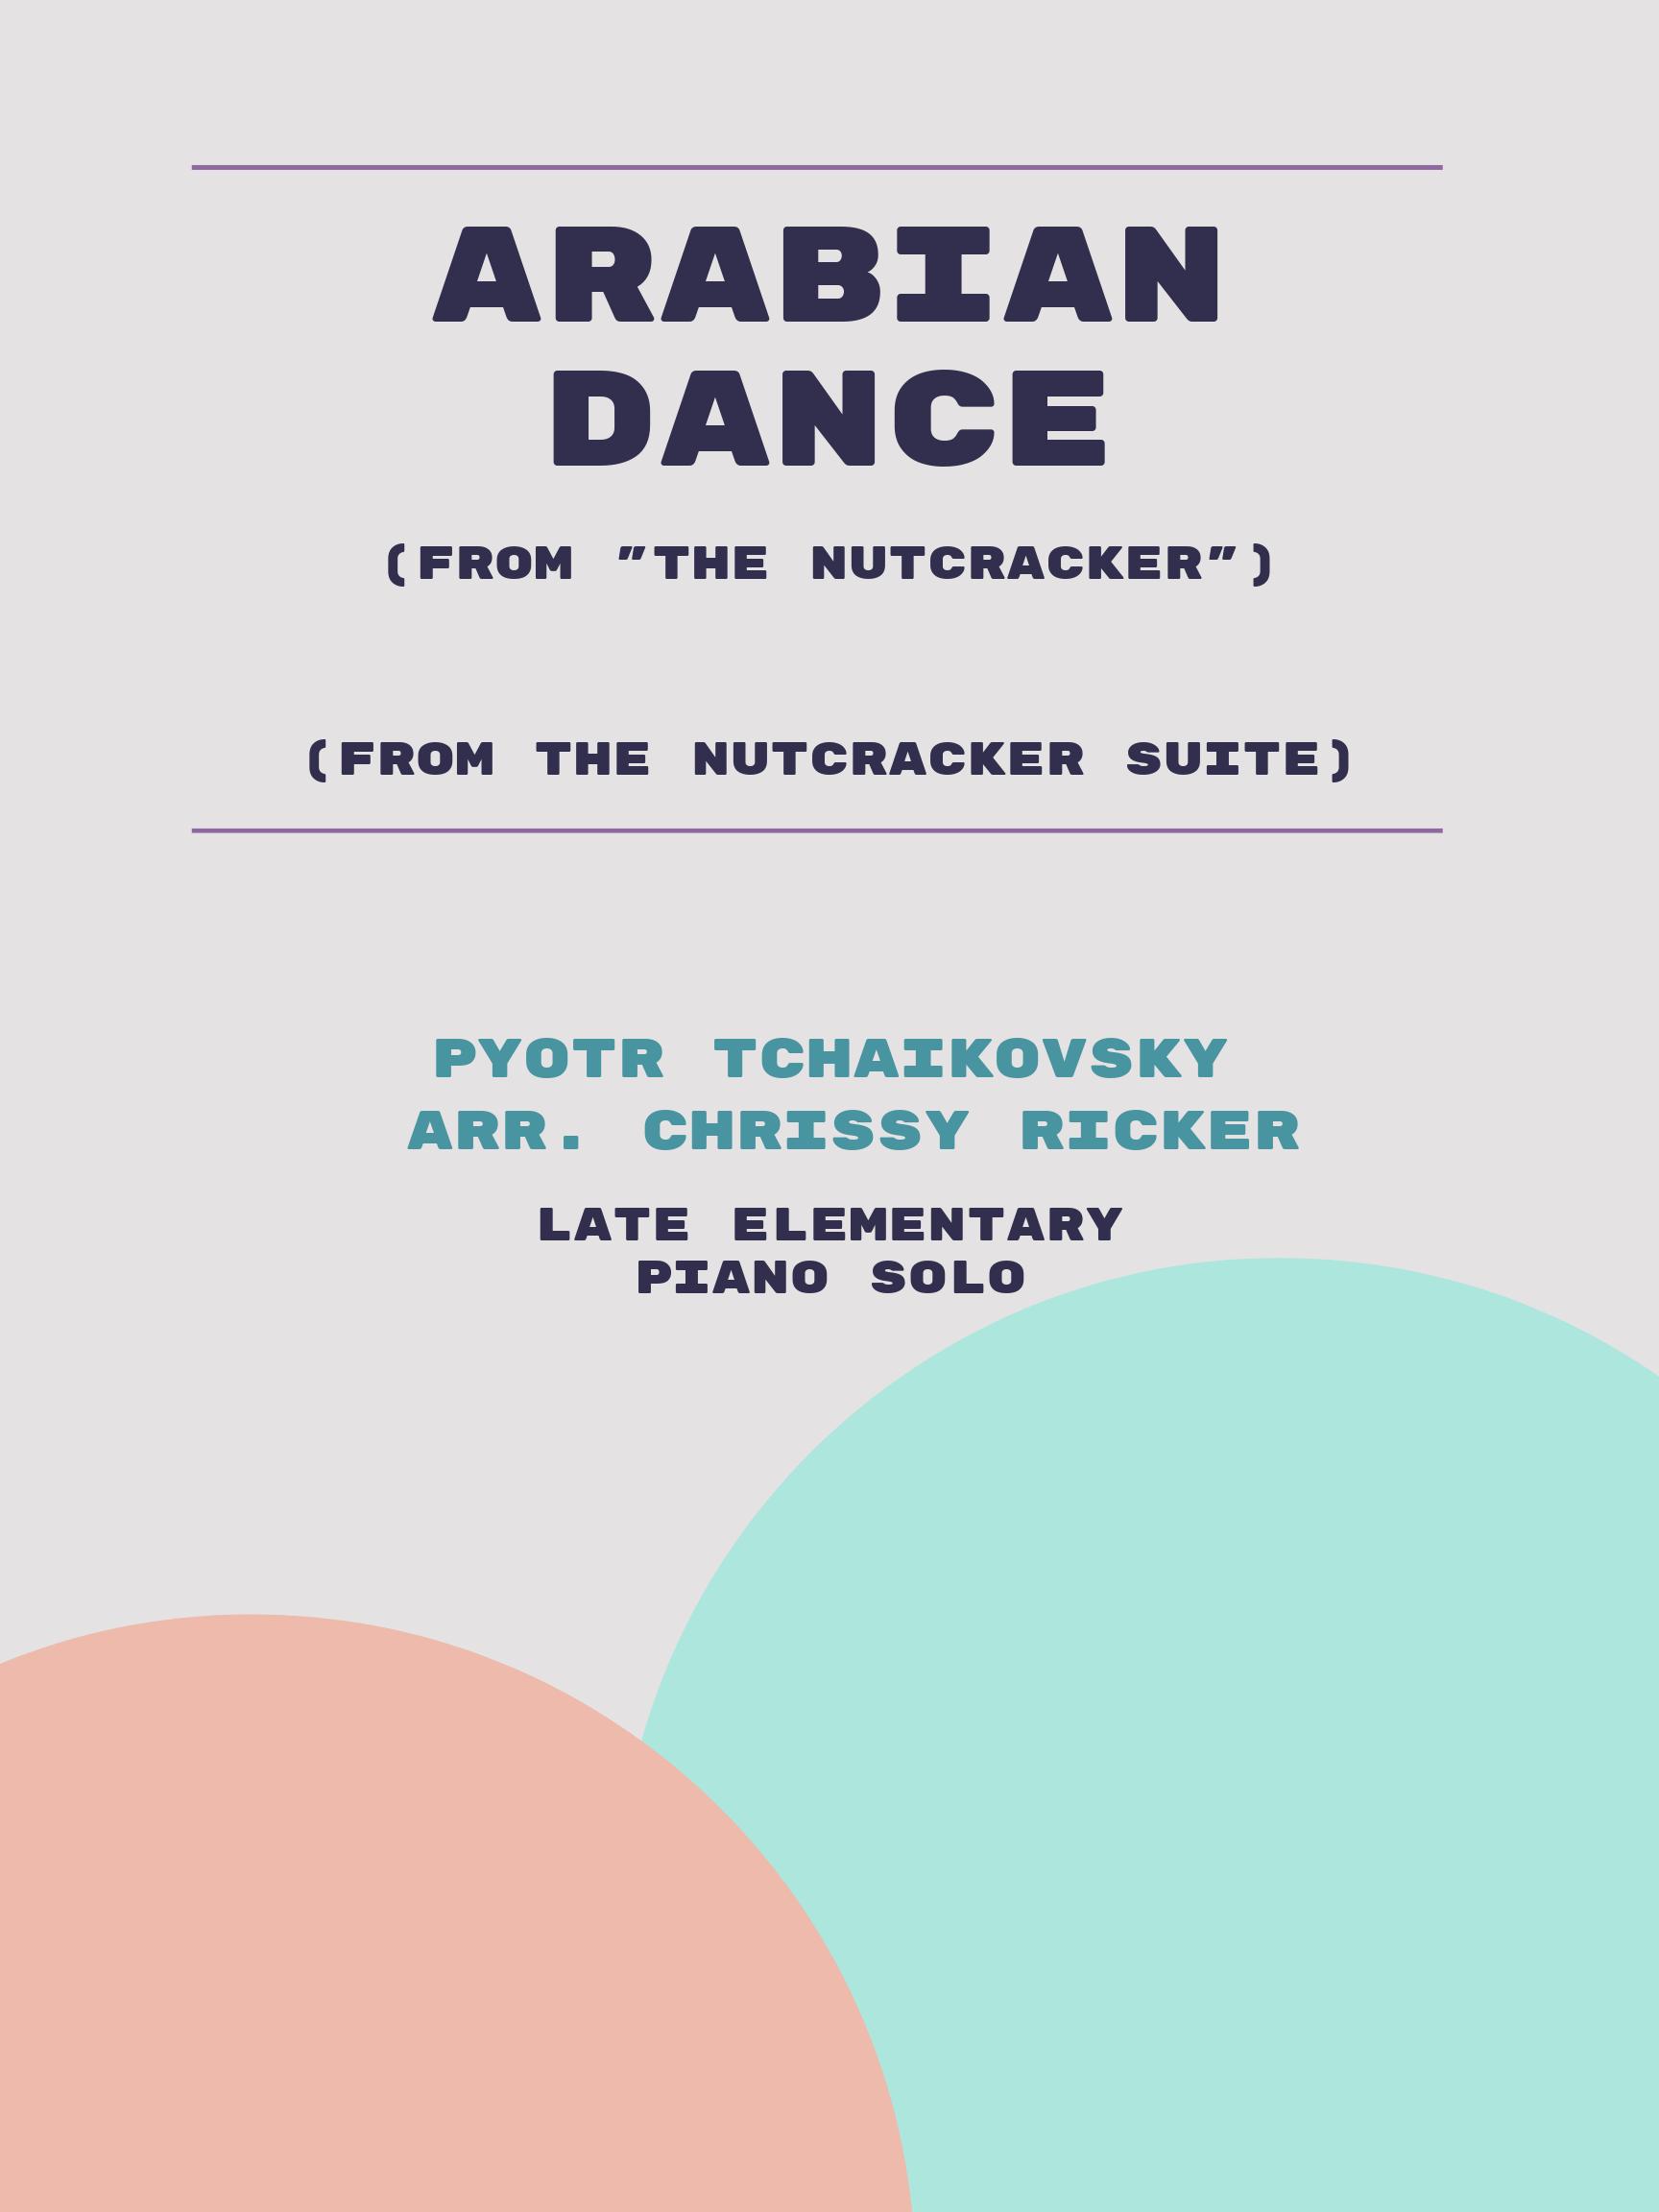 Arabian Dance by Pyotr Tchaikovsky